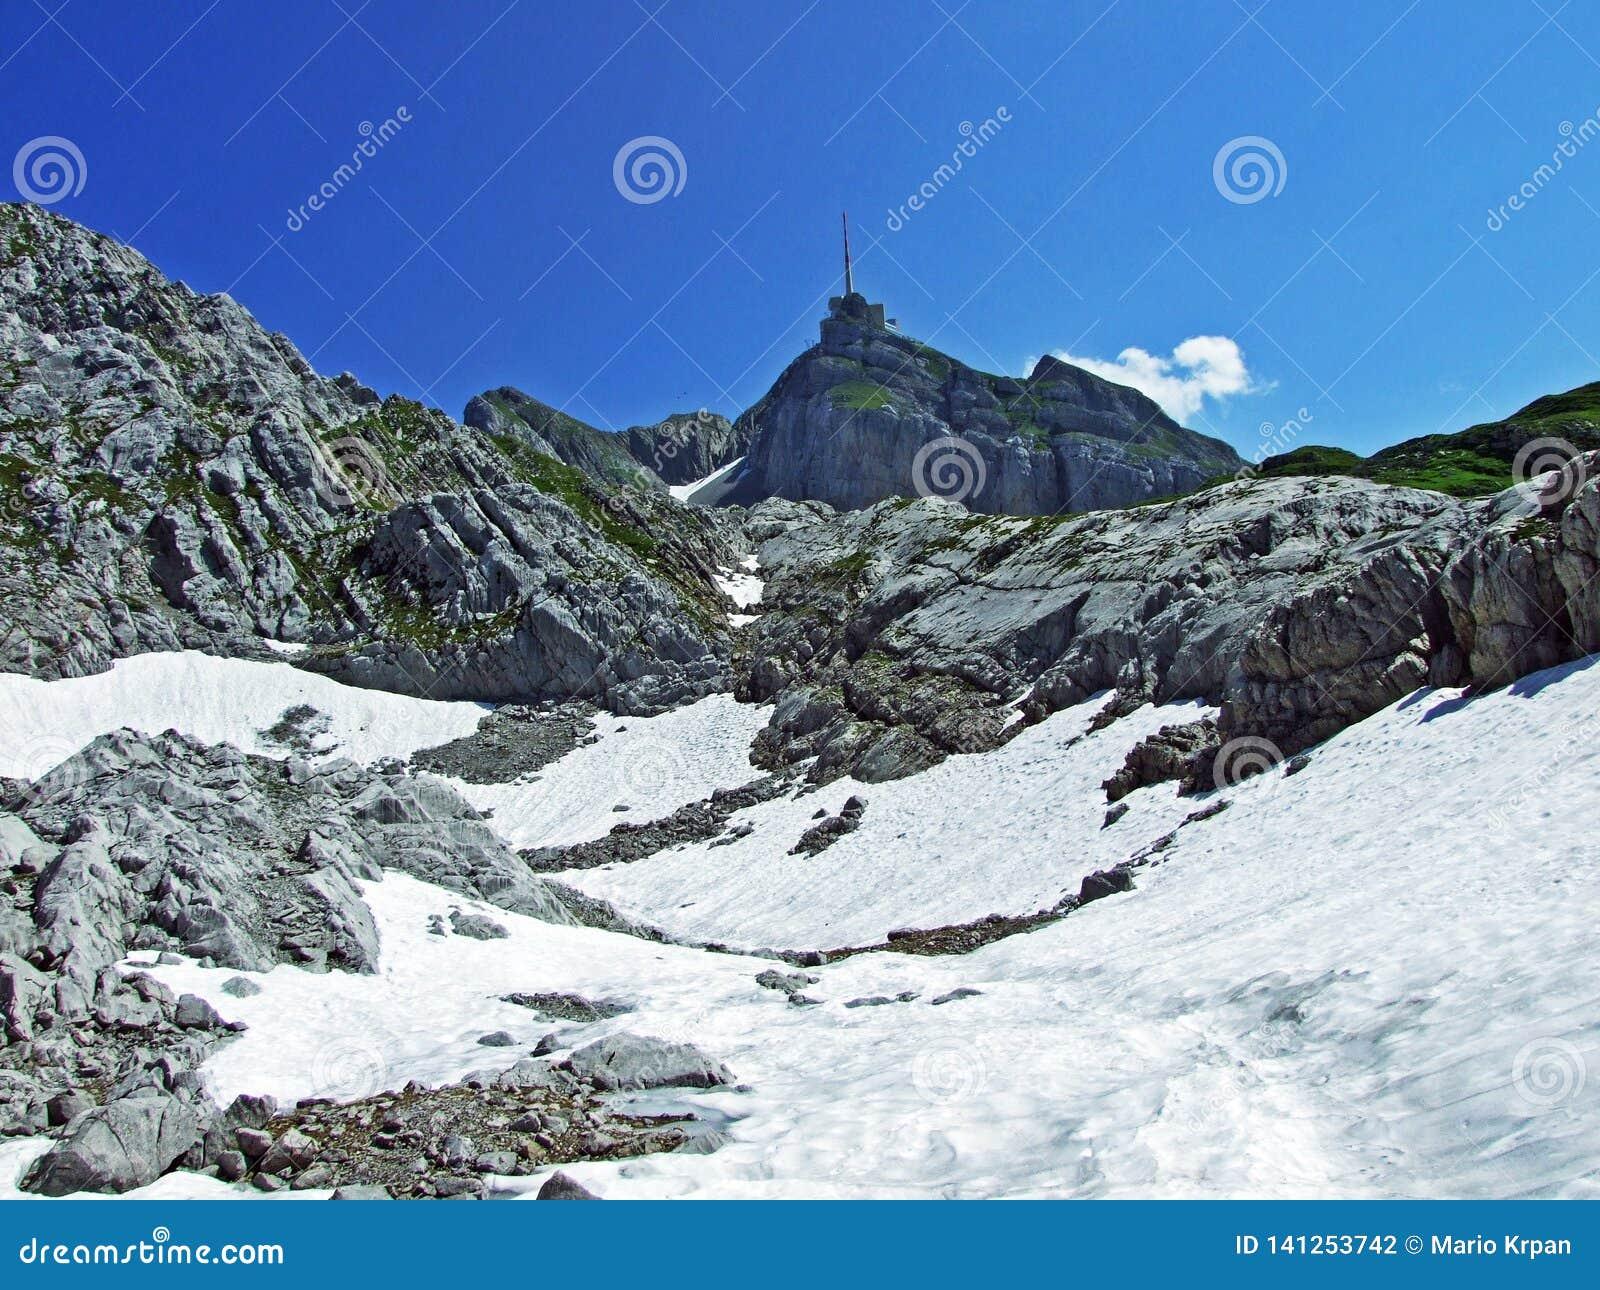 El pico alpino hermoso y dominante de Säntis en la cordillera de Alpstein